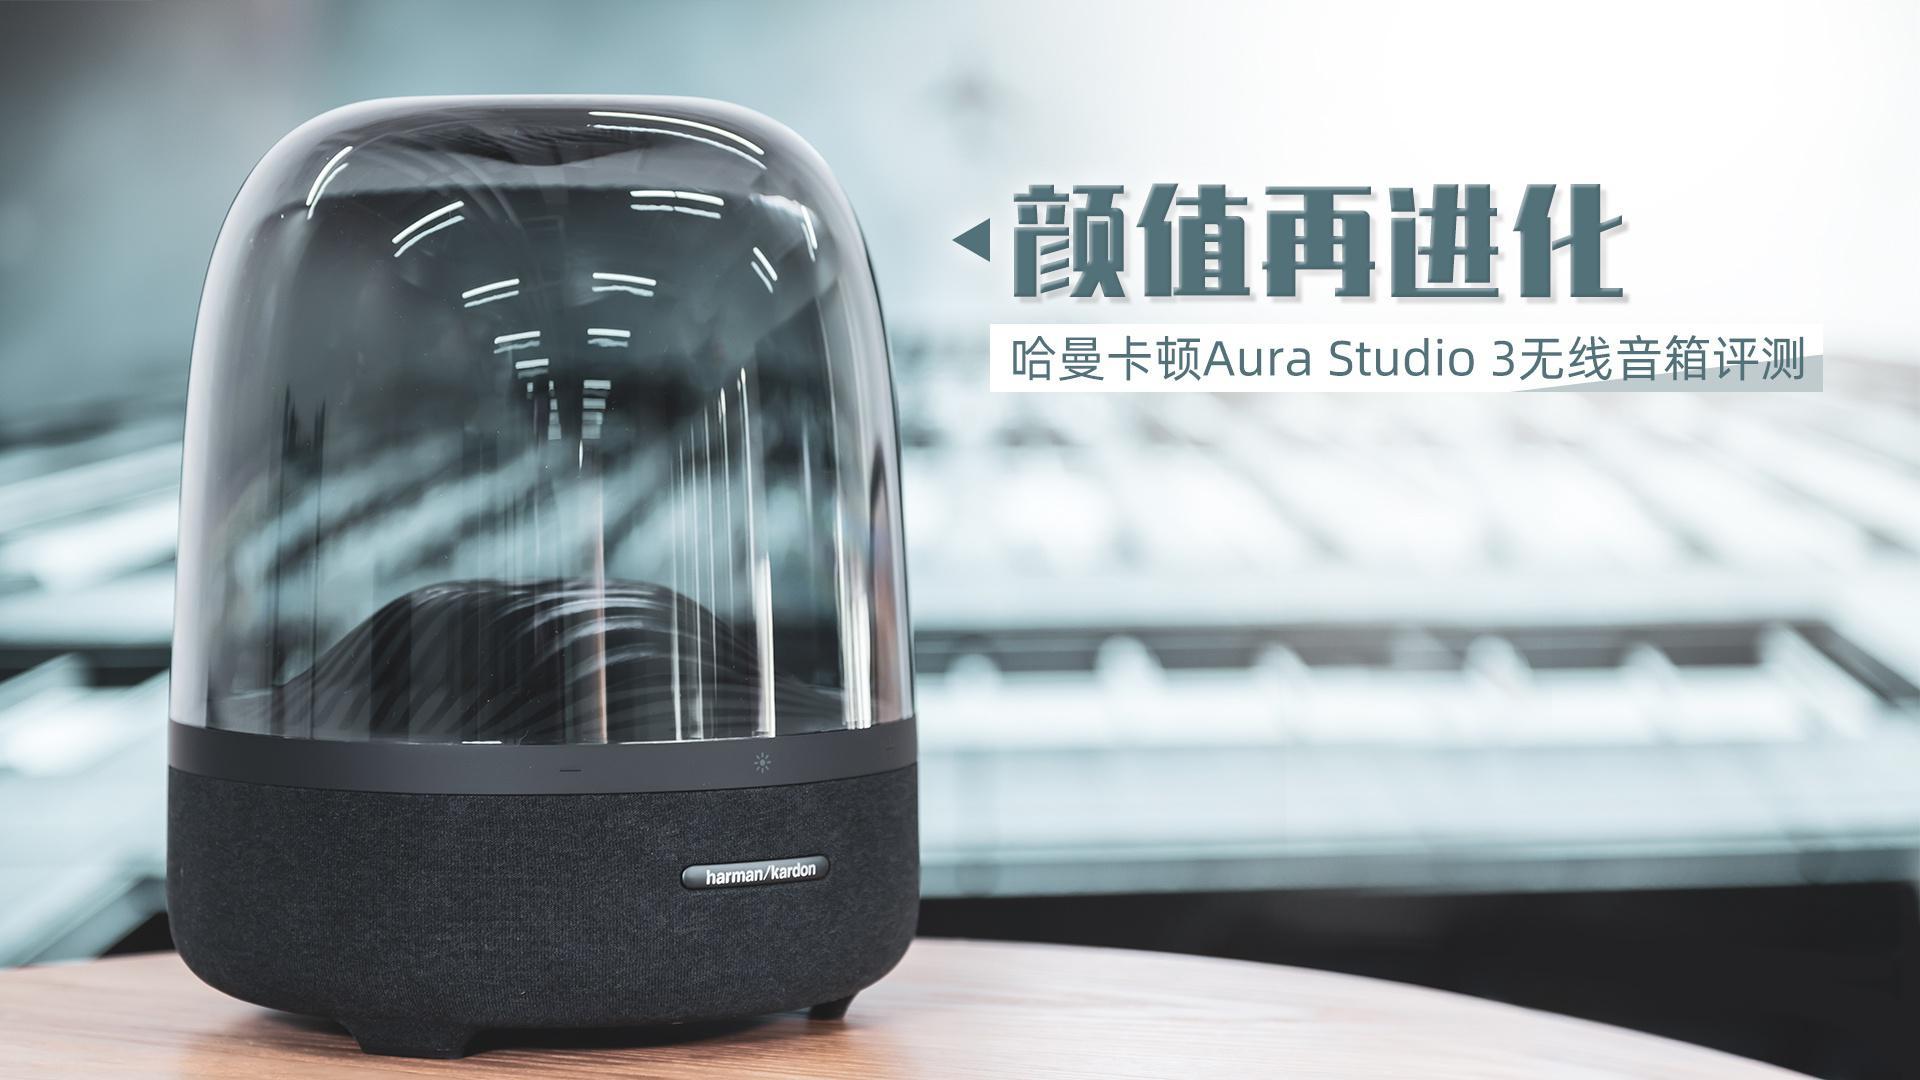 颜值再进化 哈曼卡顿Aura Studio 3无线音箱评测